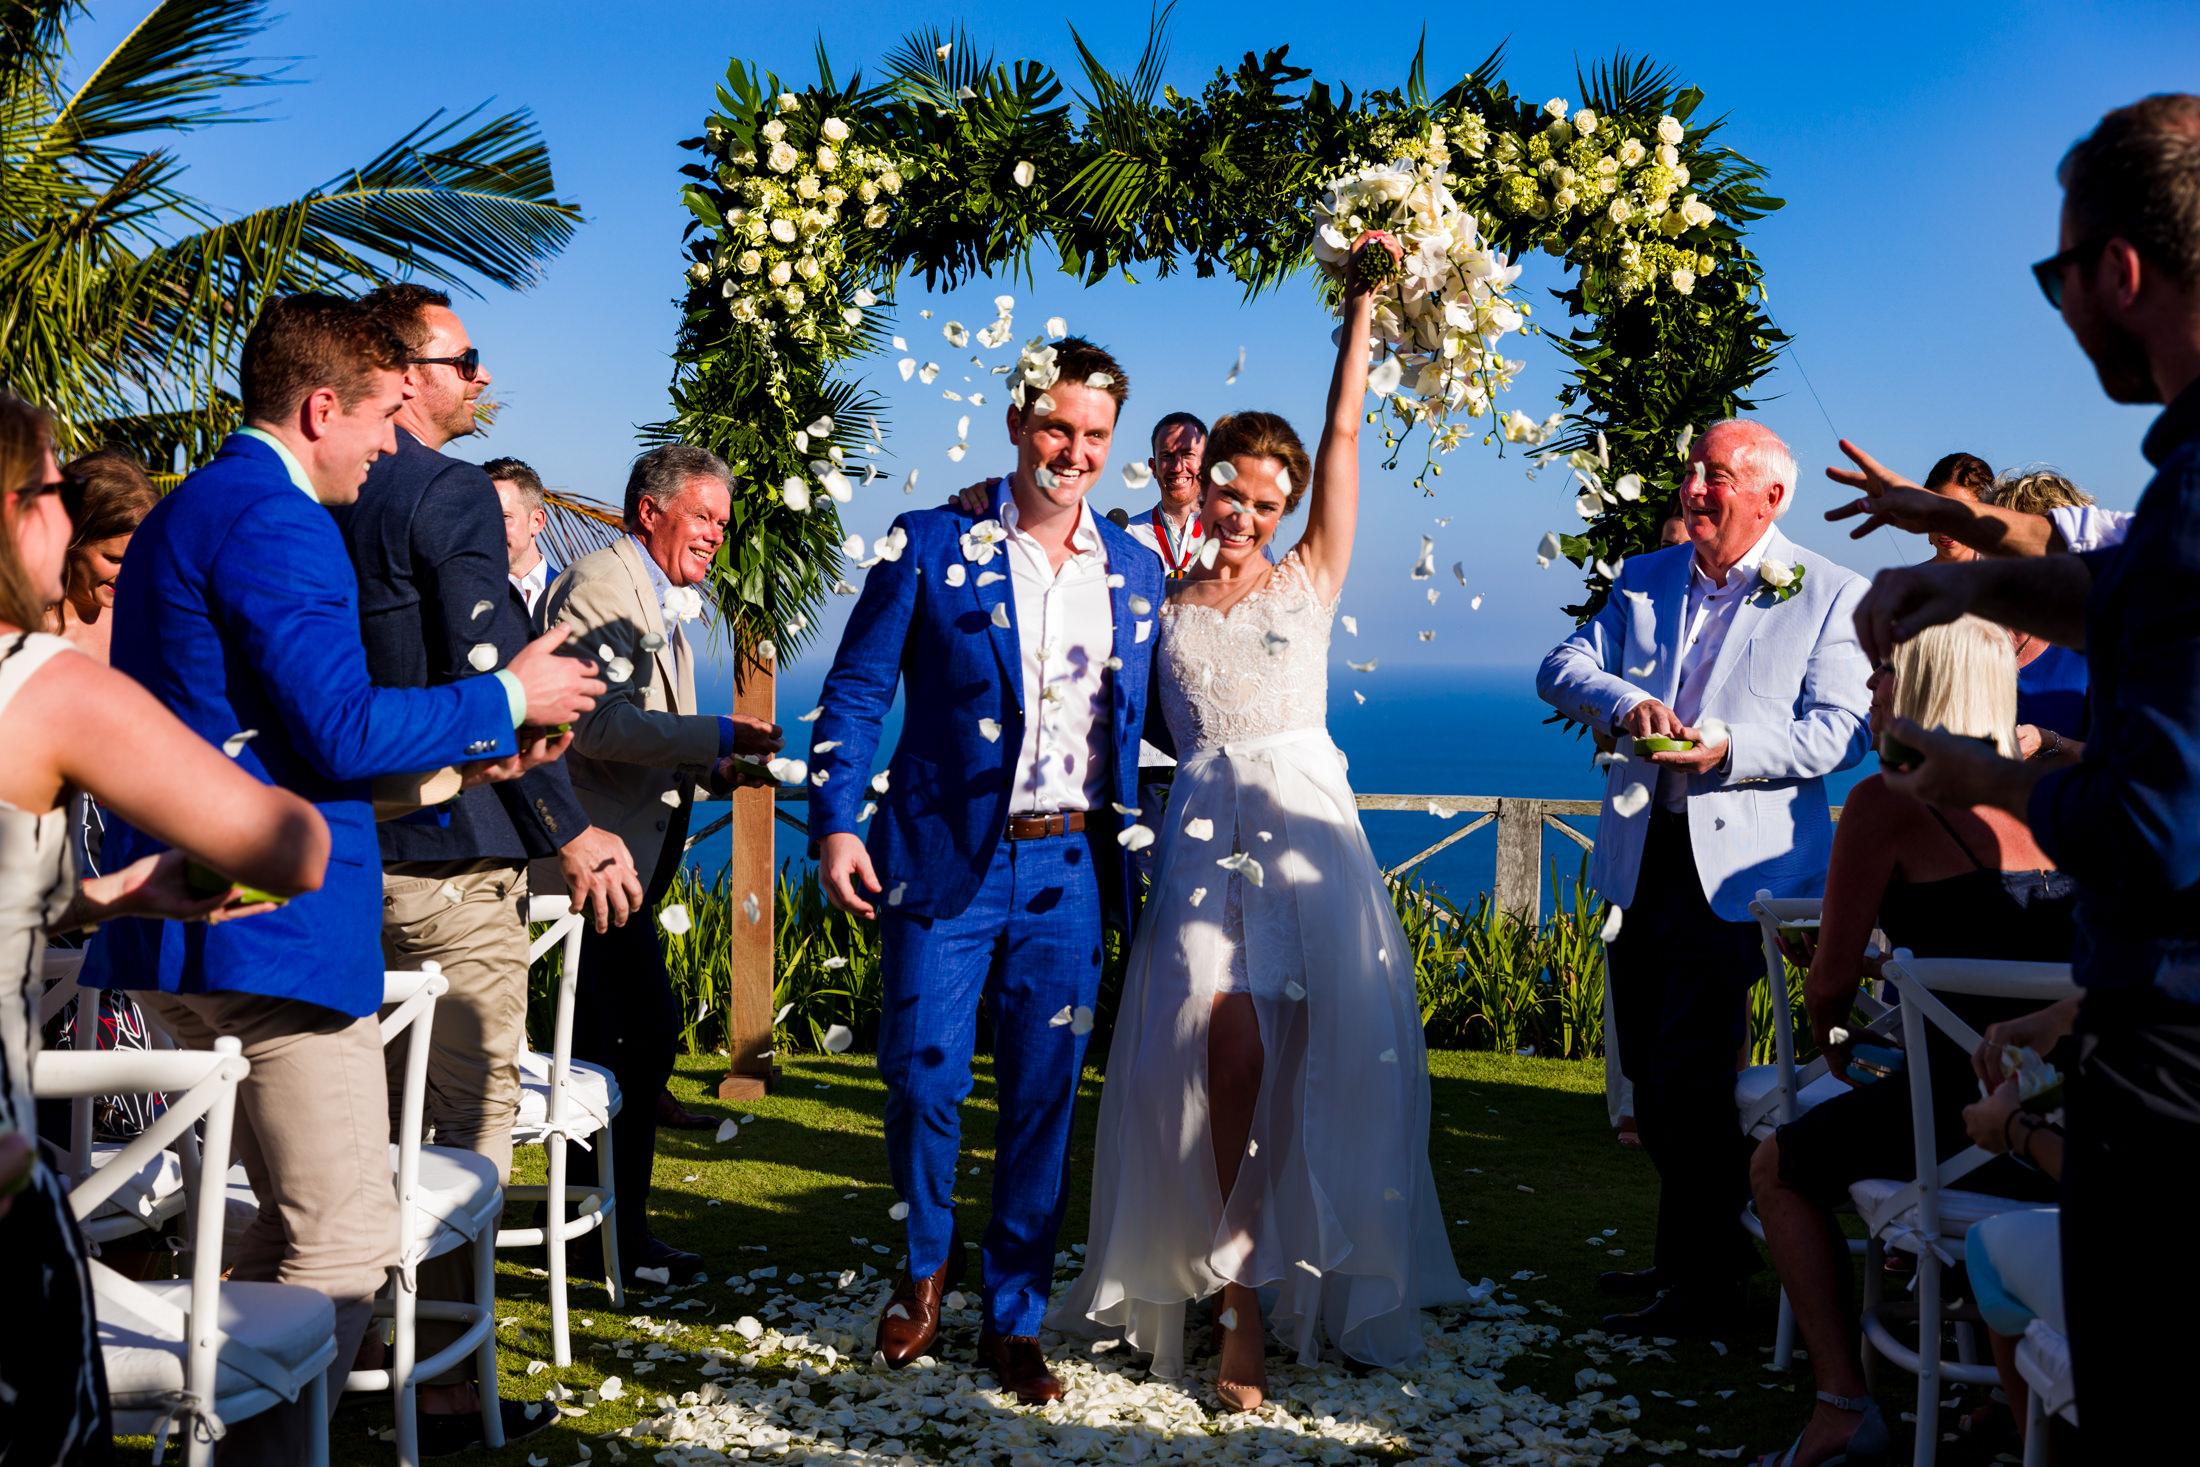 Chad-M-Brown-Brisbane-Wedding-Photographer-004